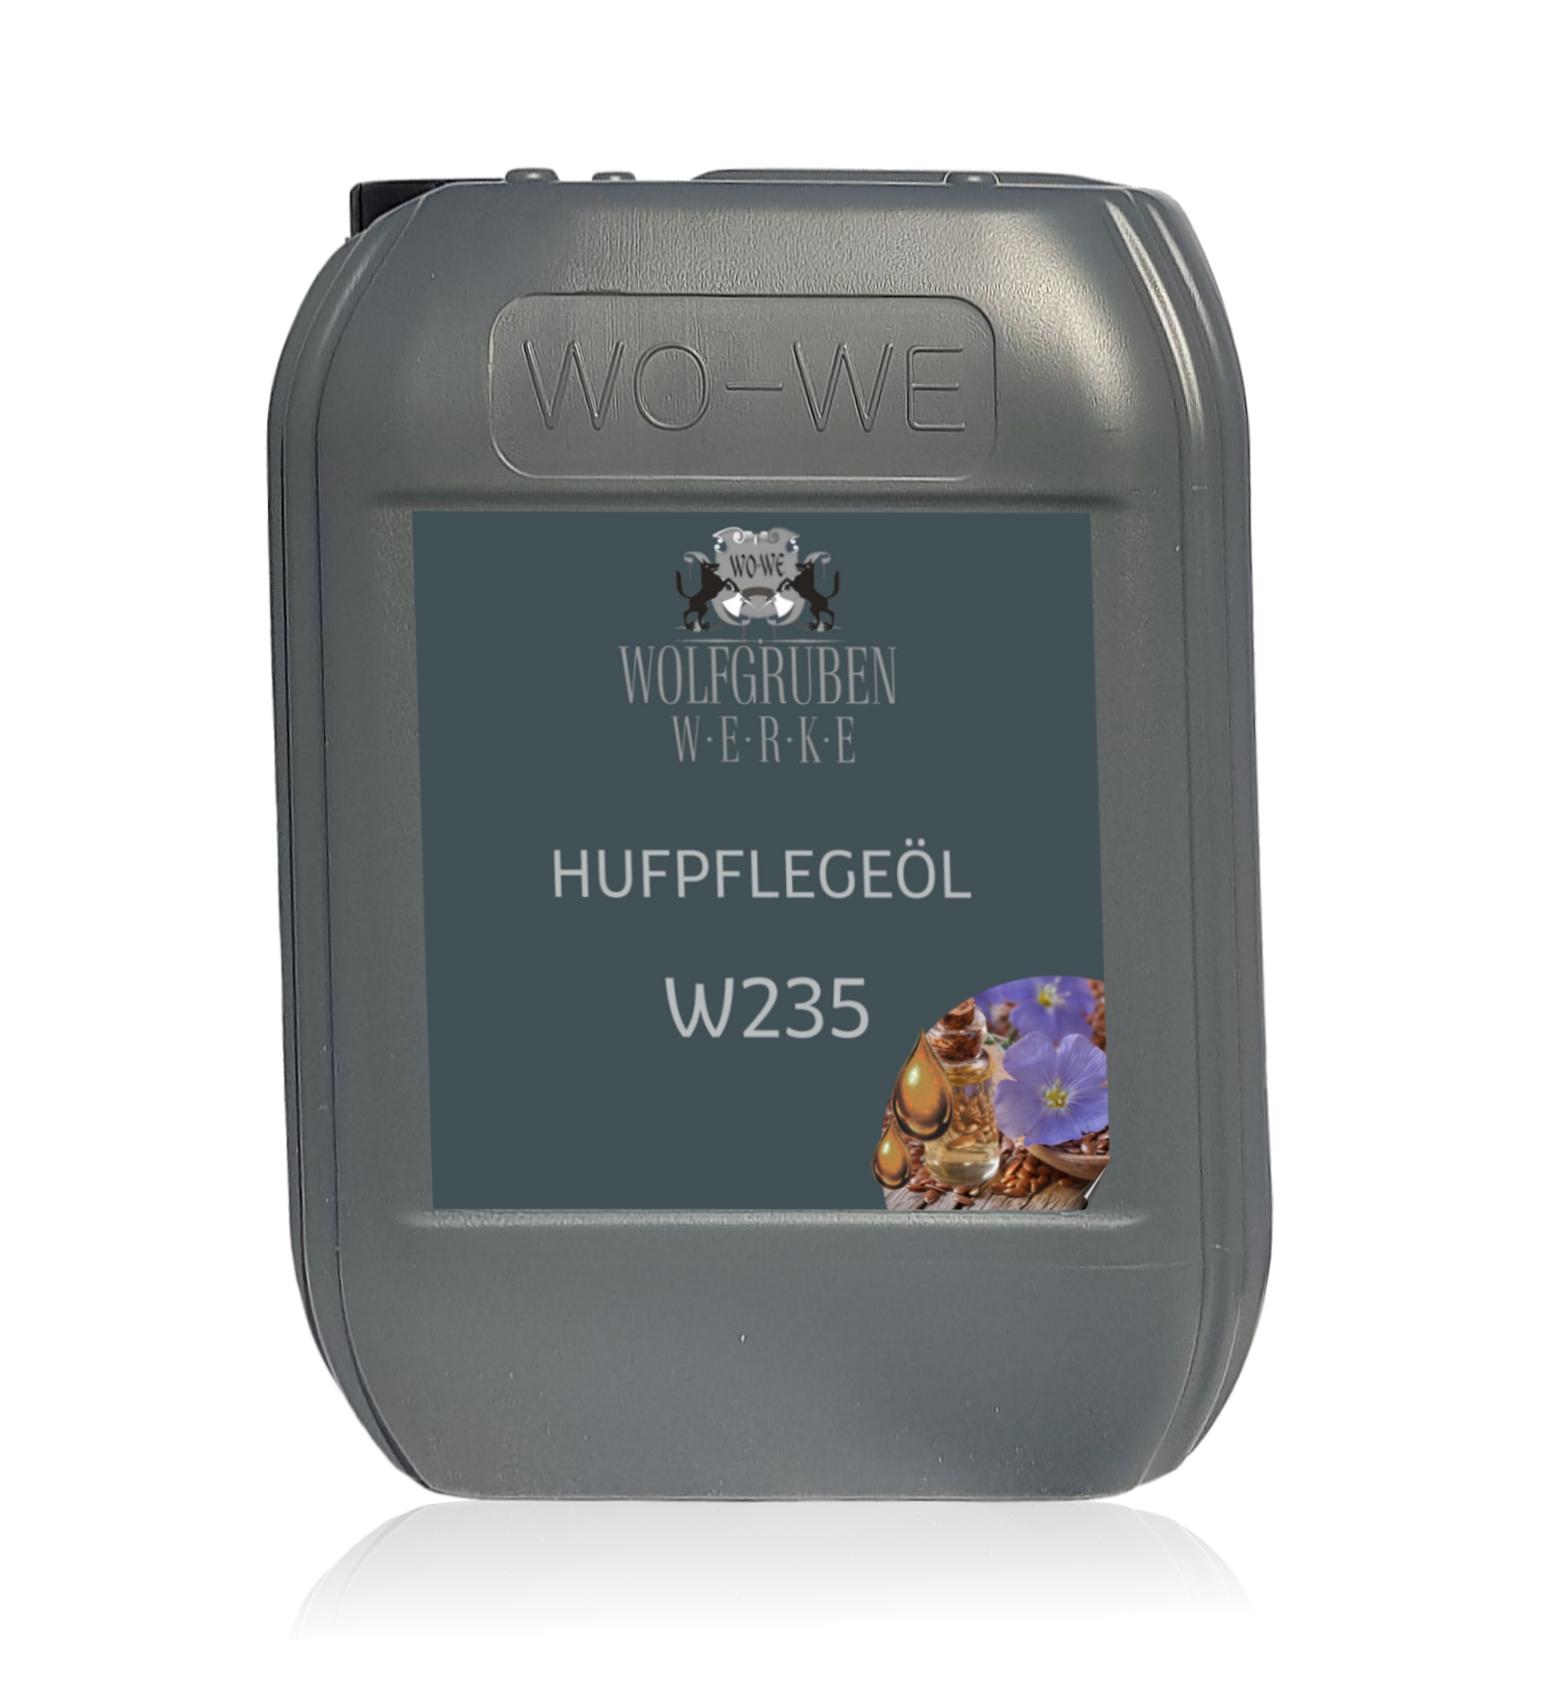 W235.jpg?dl=0